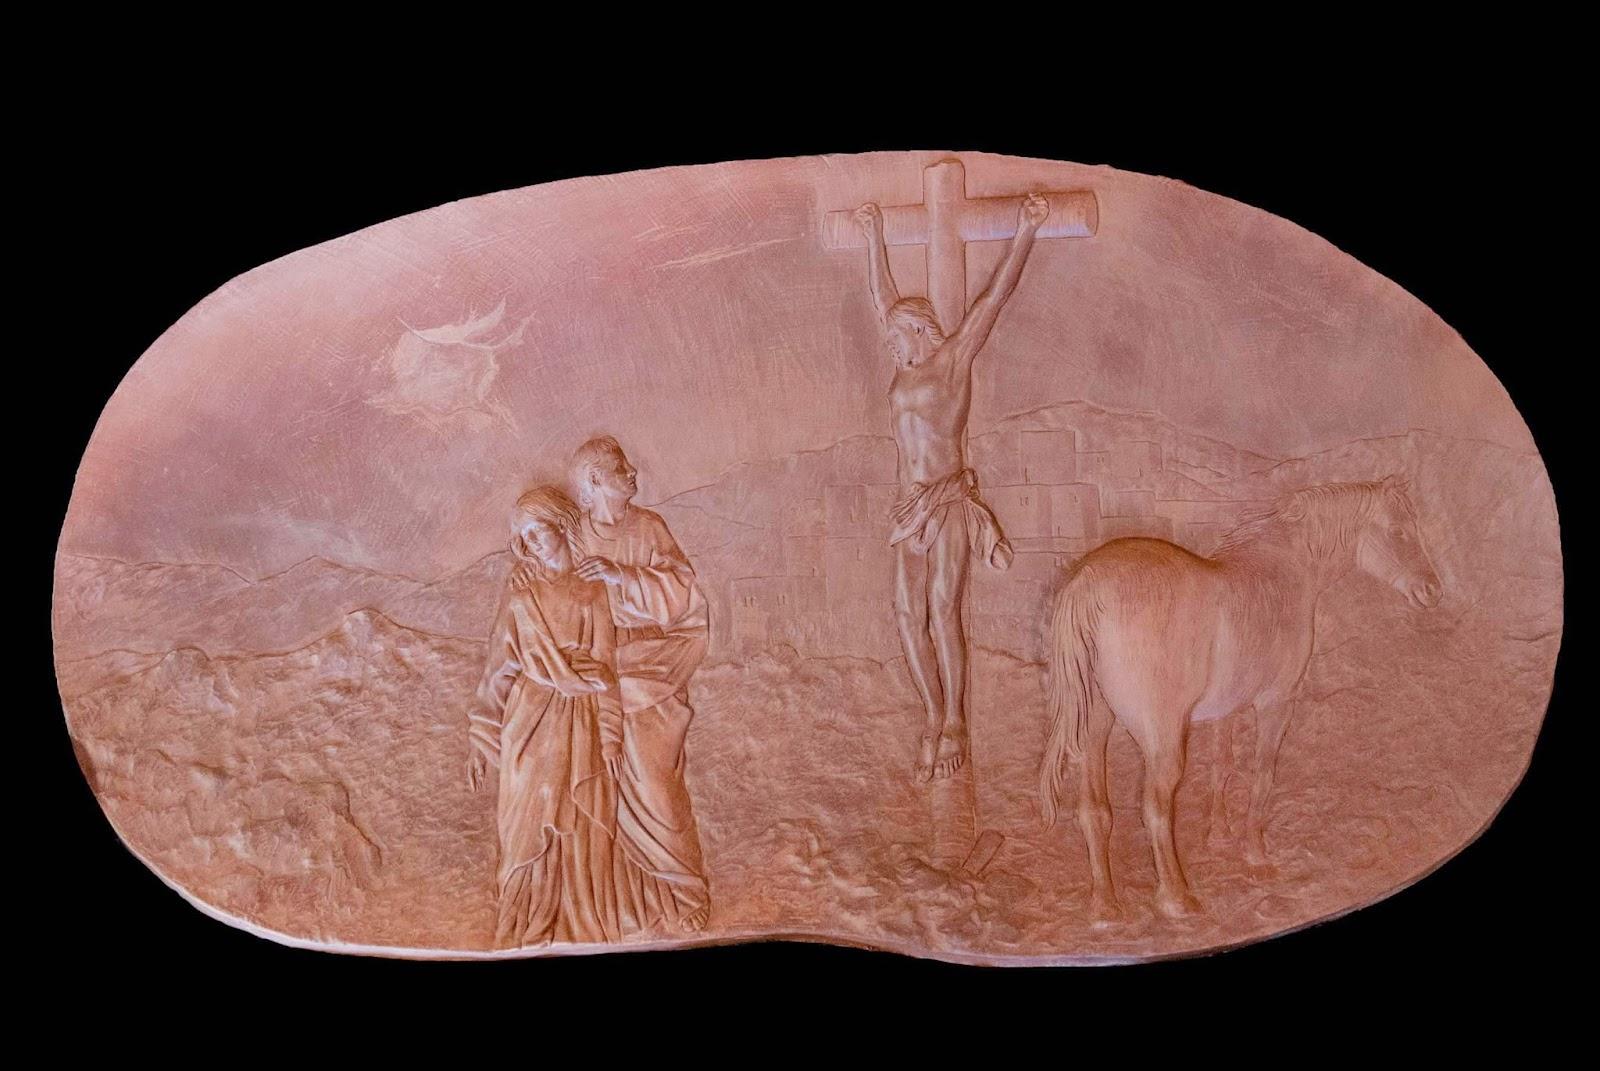 Trono Soledad Semana Santa Cartagena Murcia Arturo Serra escultura 23